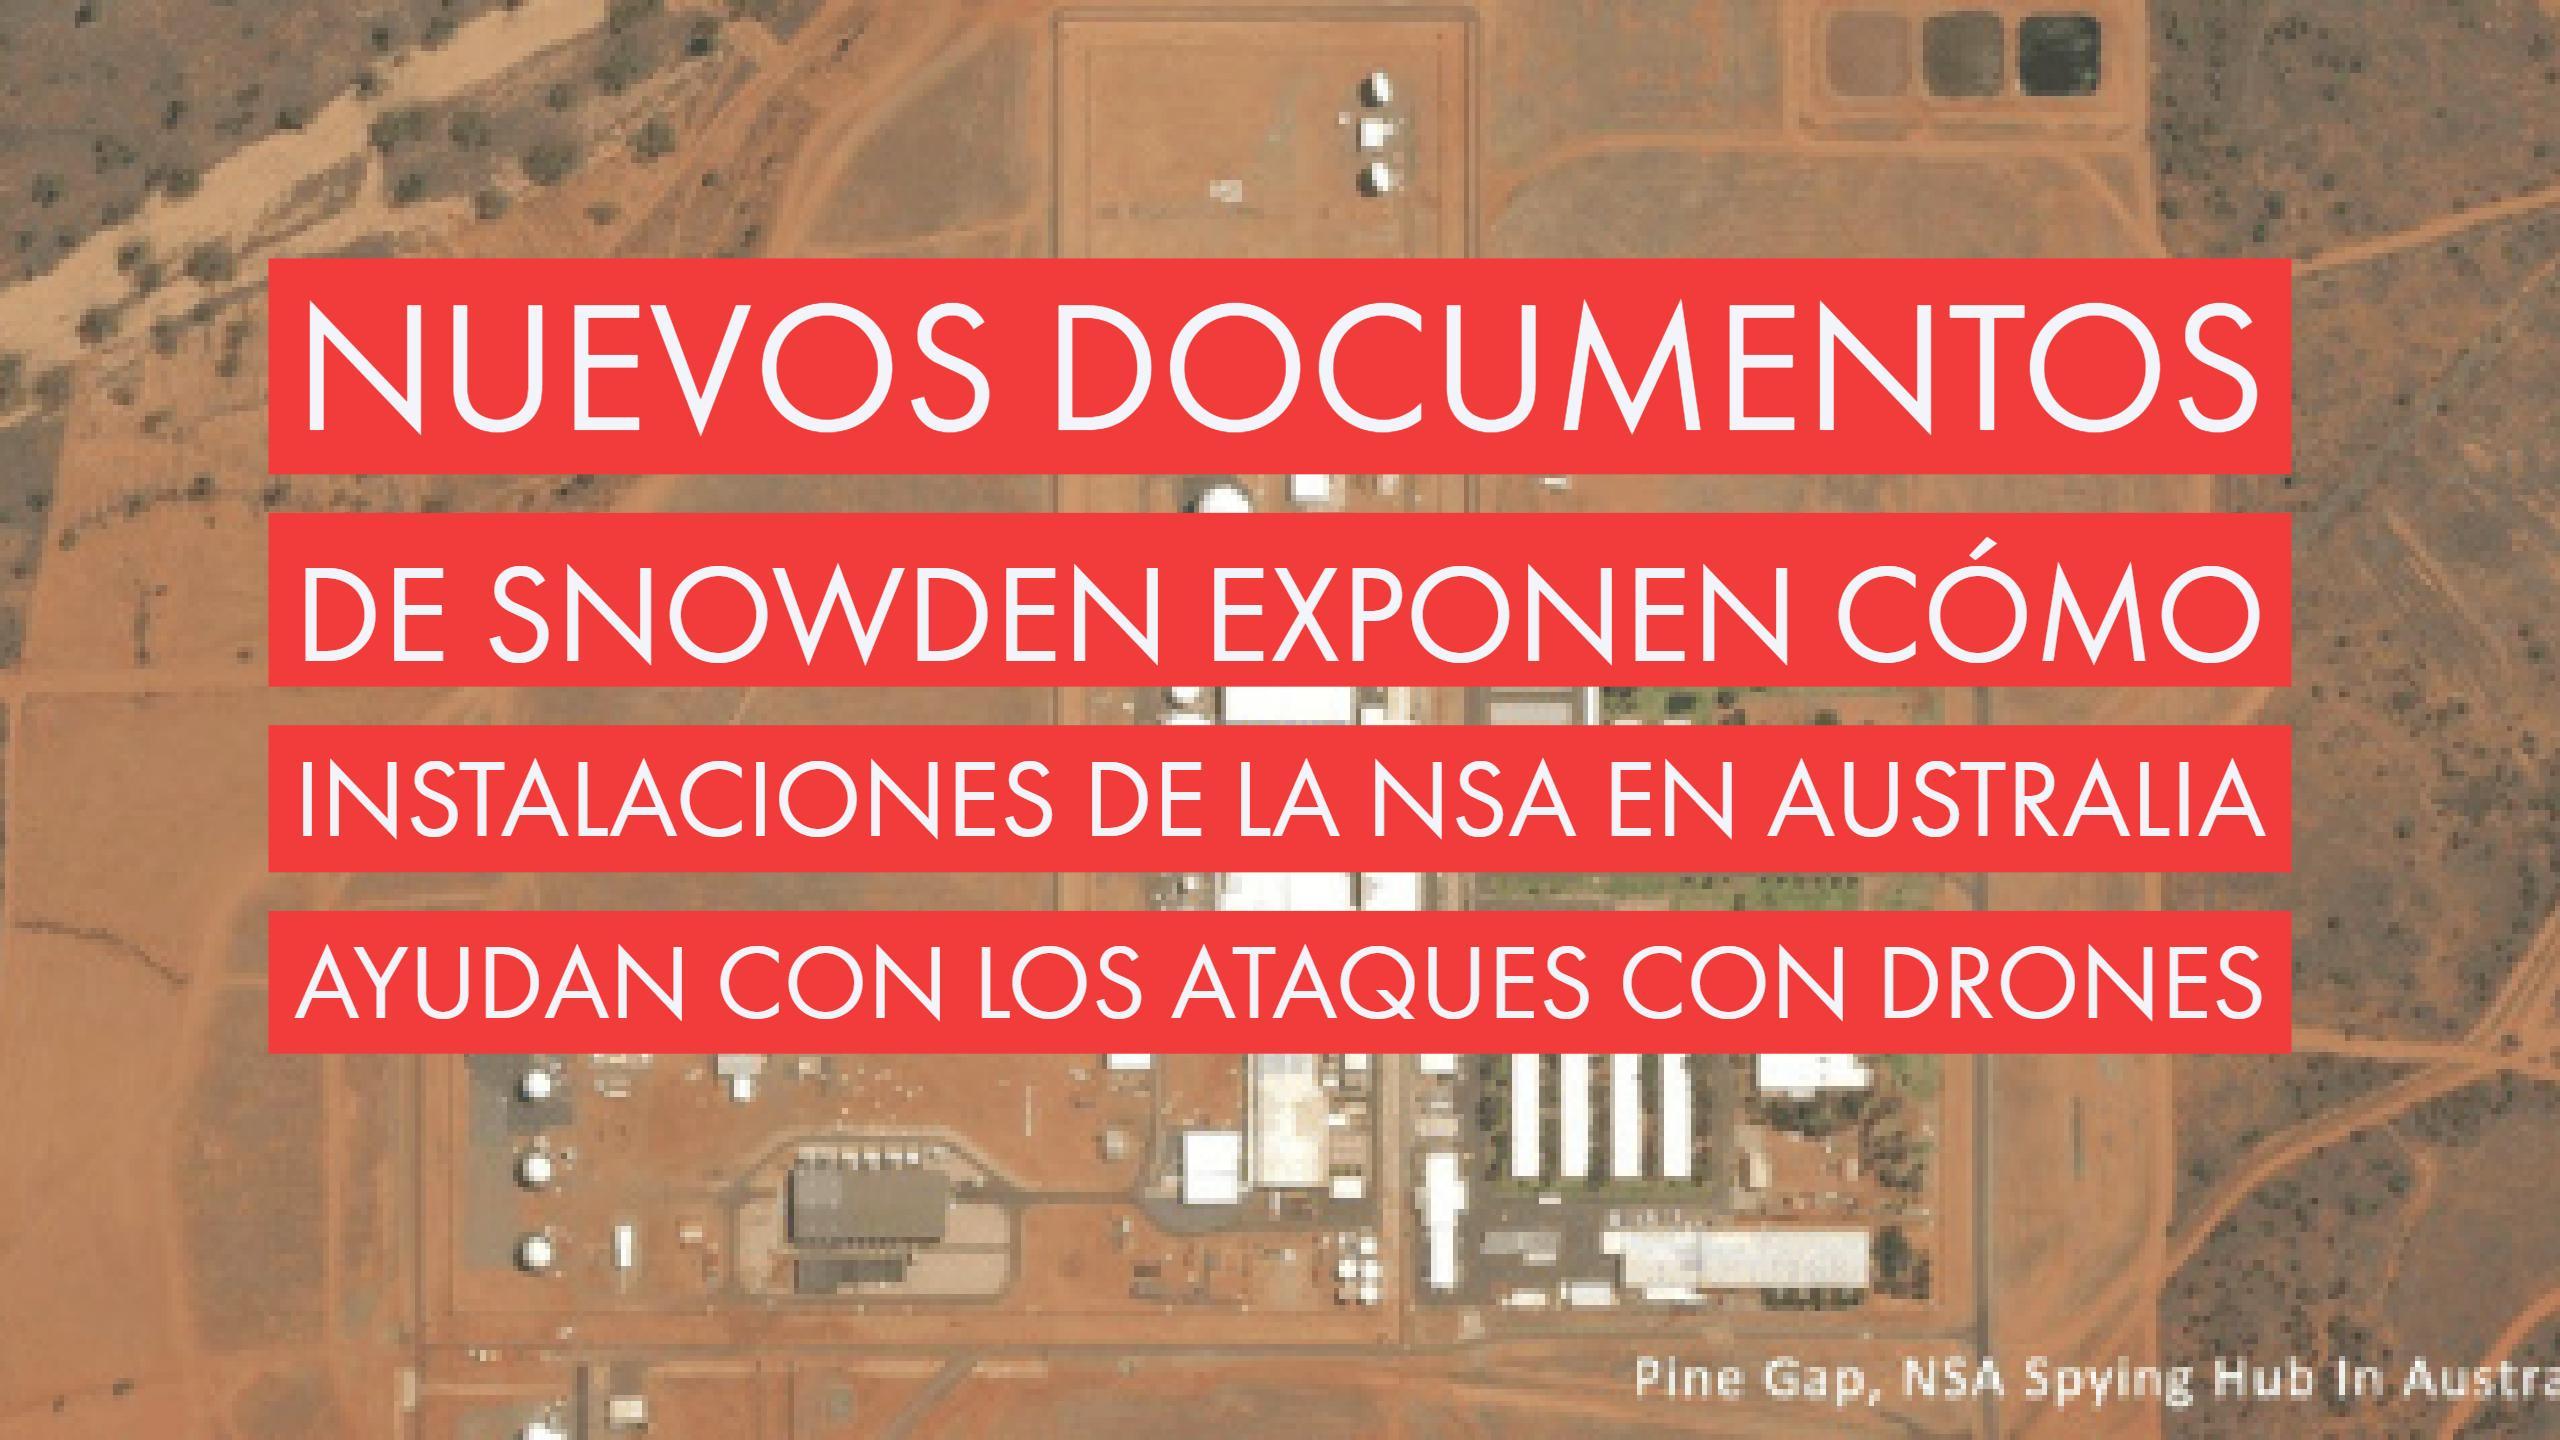 Nuevos documentos de Snowden exponen cómo instalaciones de la NSA en Australia ayudan con los ataques con Drones